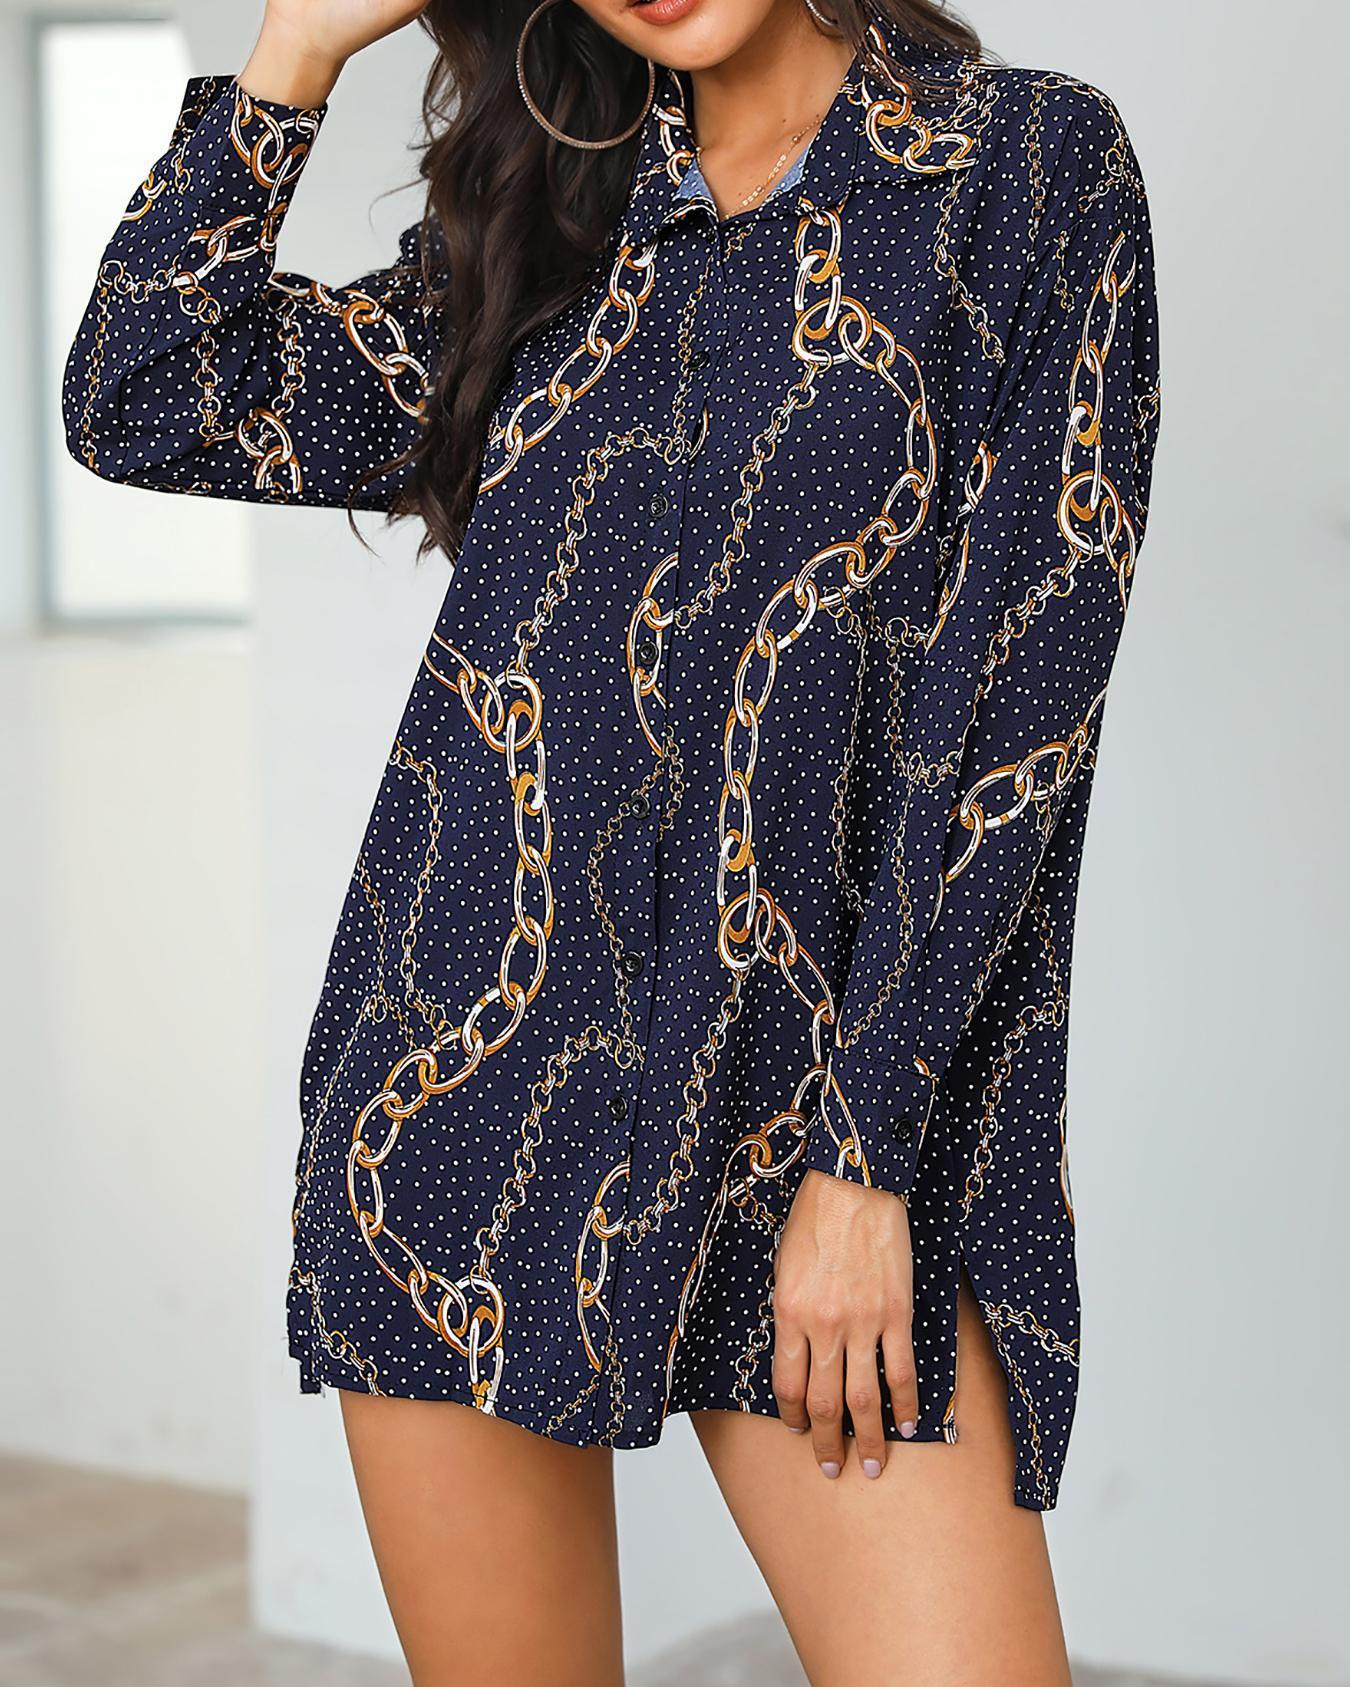 ivrose / Dots & Chains Imprimir Side Slit Shirt Dress